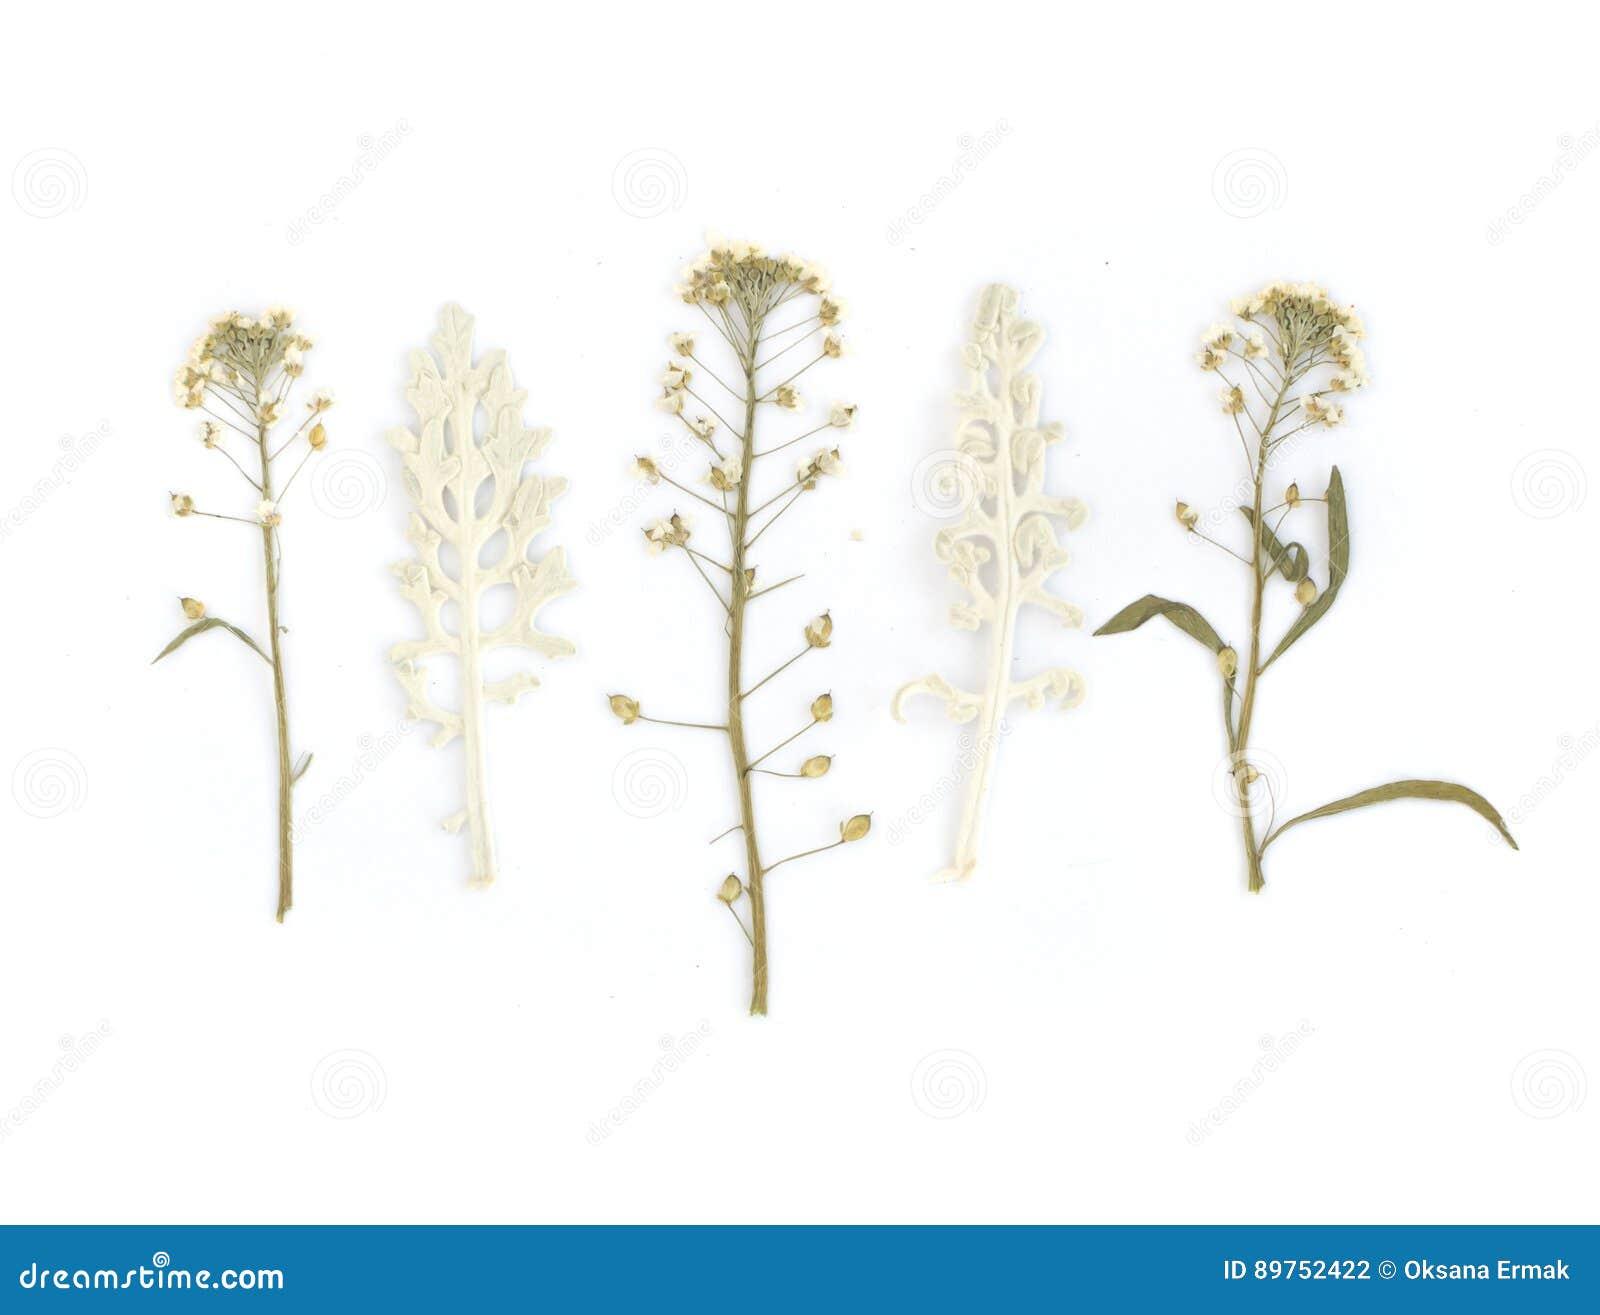 Gedrukt Droog Herbarium van Diverse Installaties